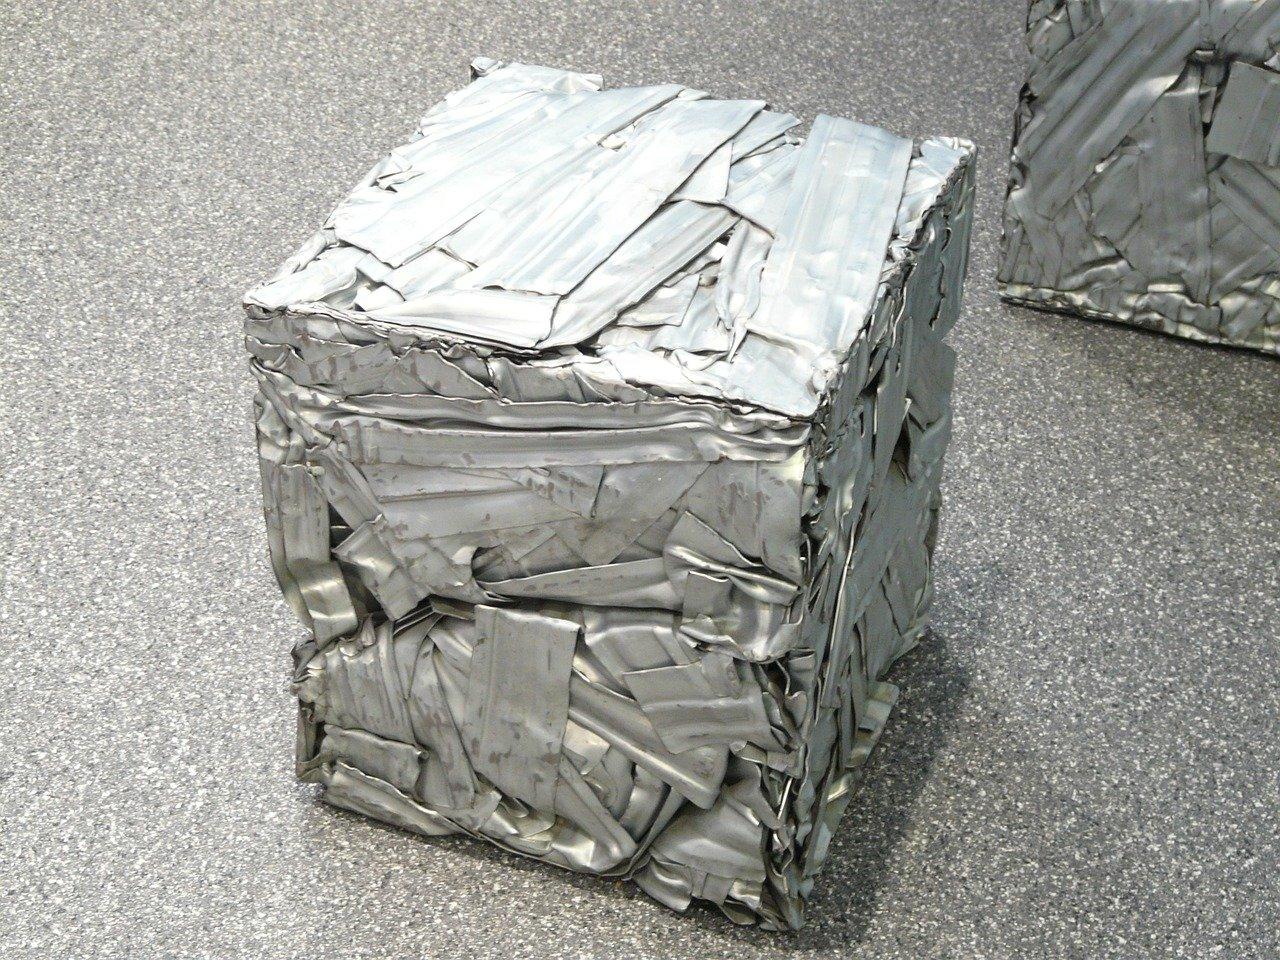 AZ alloy scrap metal recycling